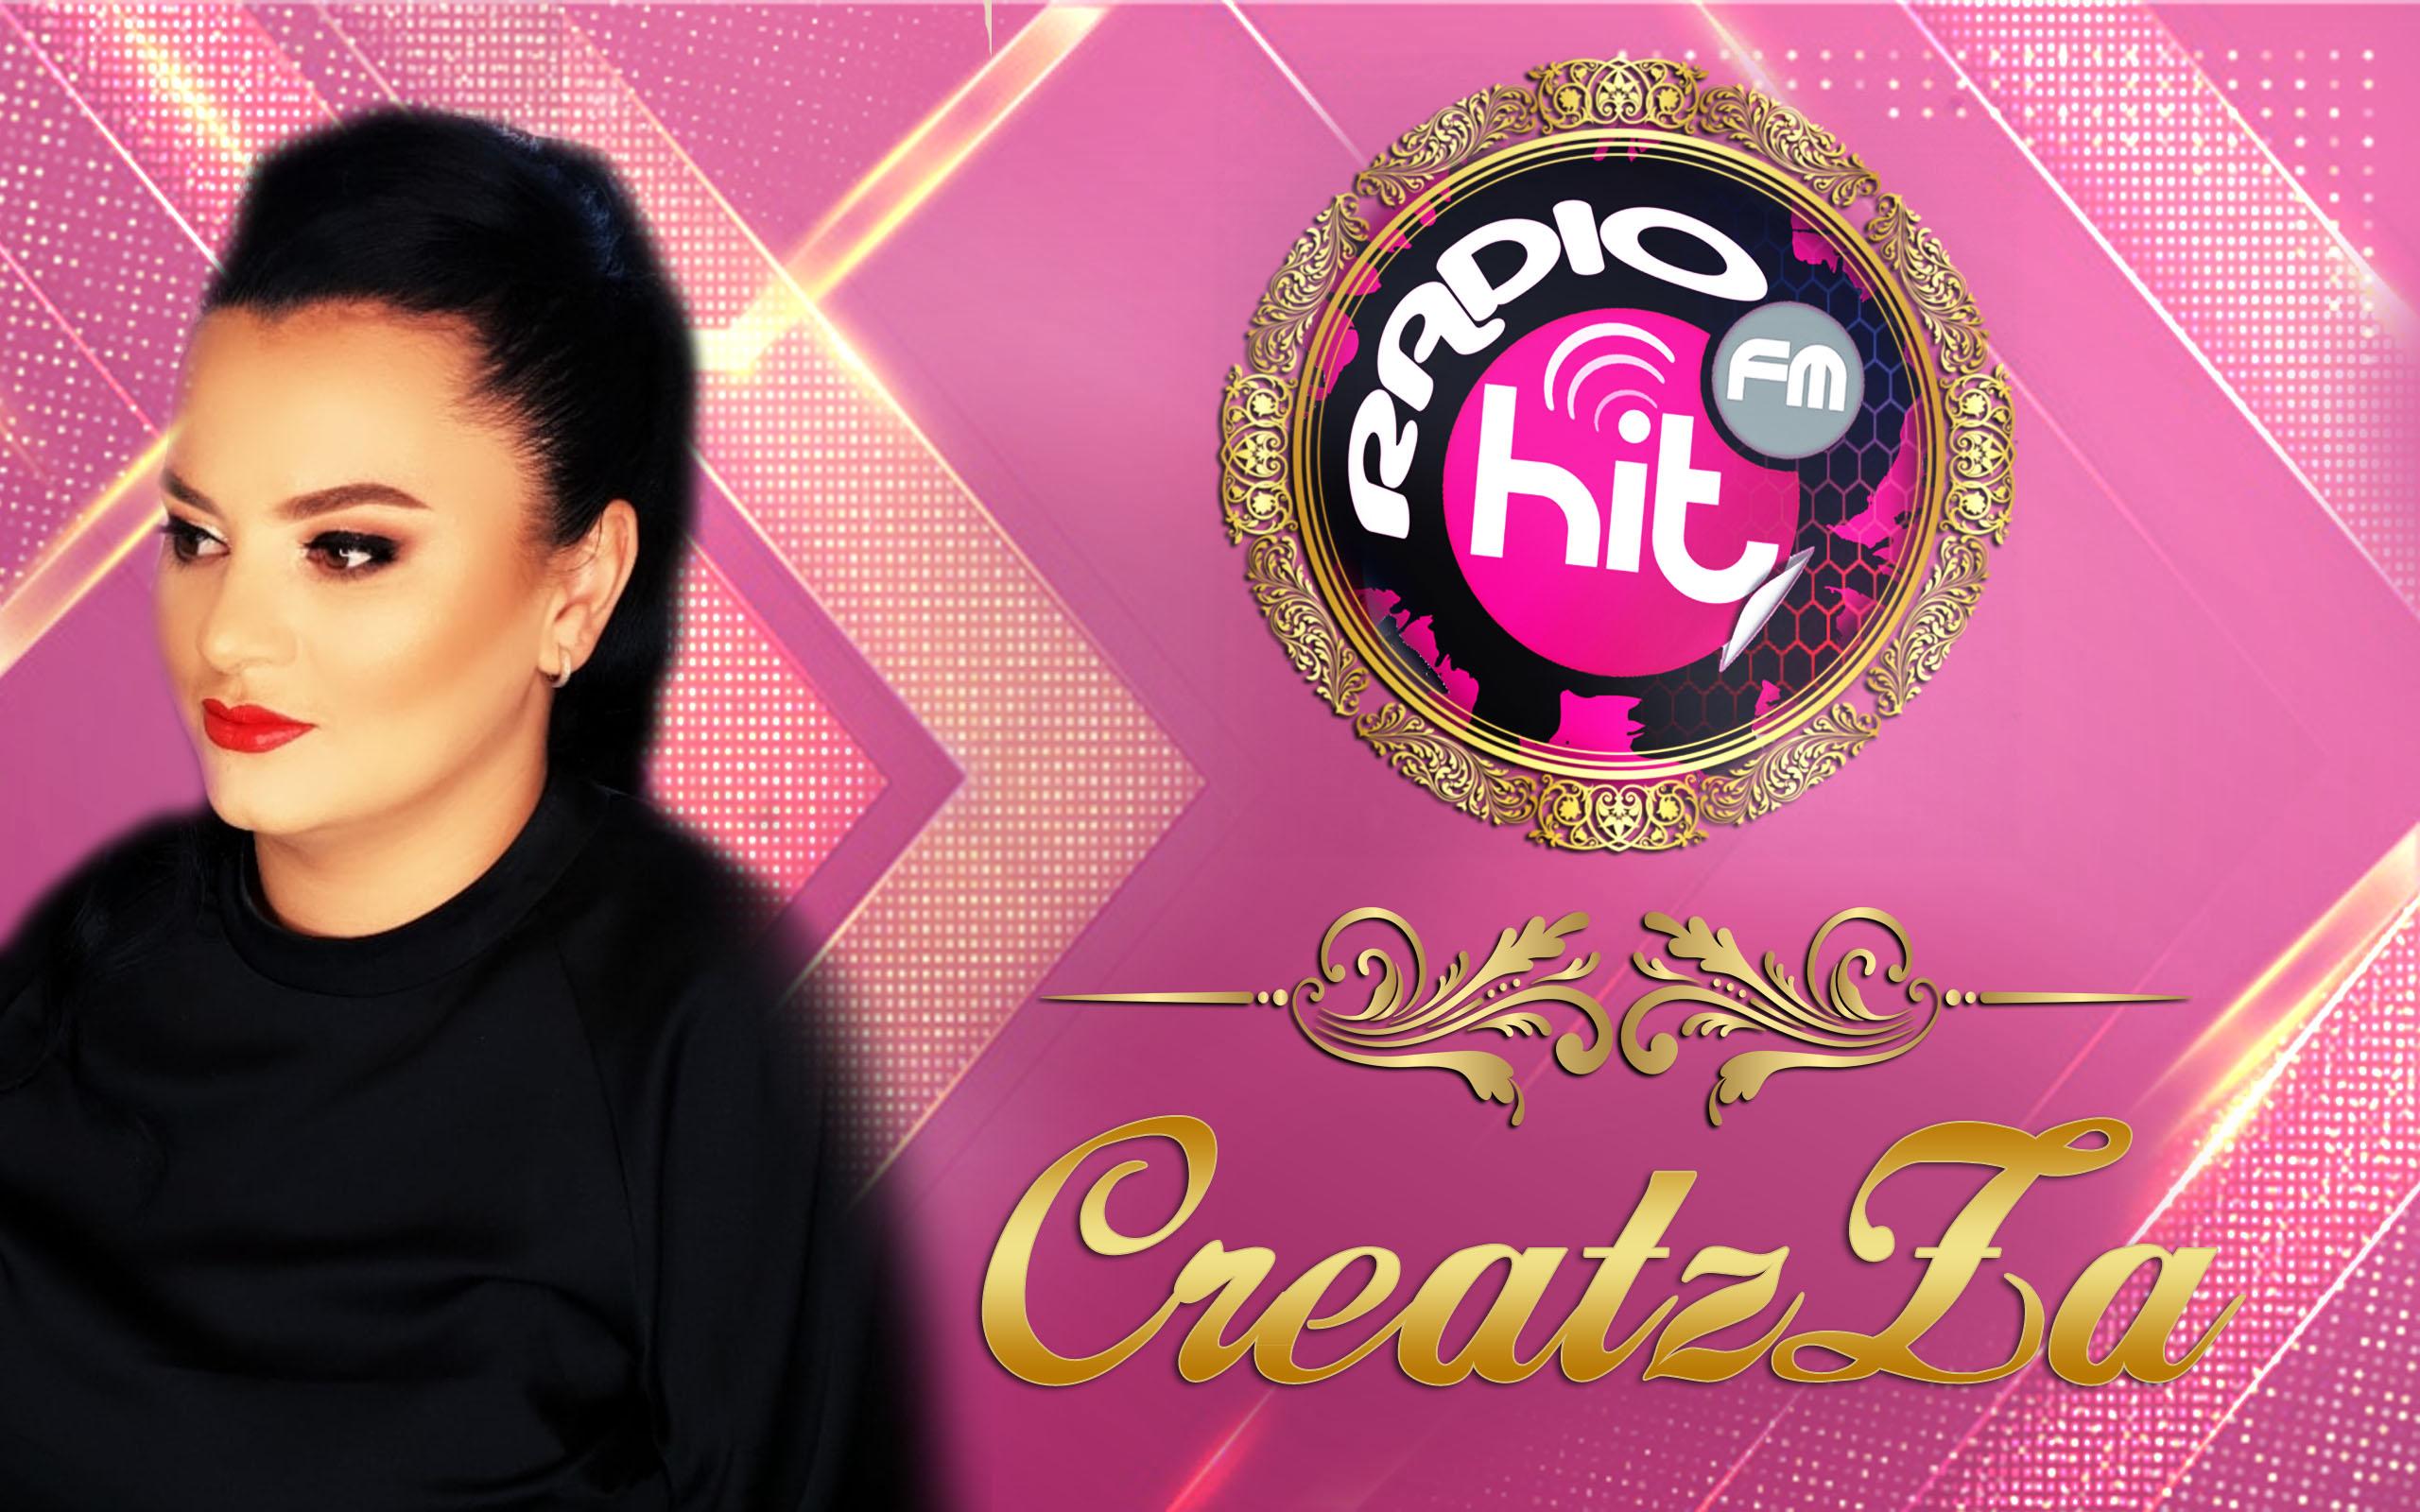 CreatzZza HiT - Moderator Online Radio HiT FM